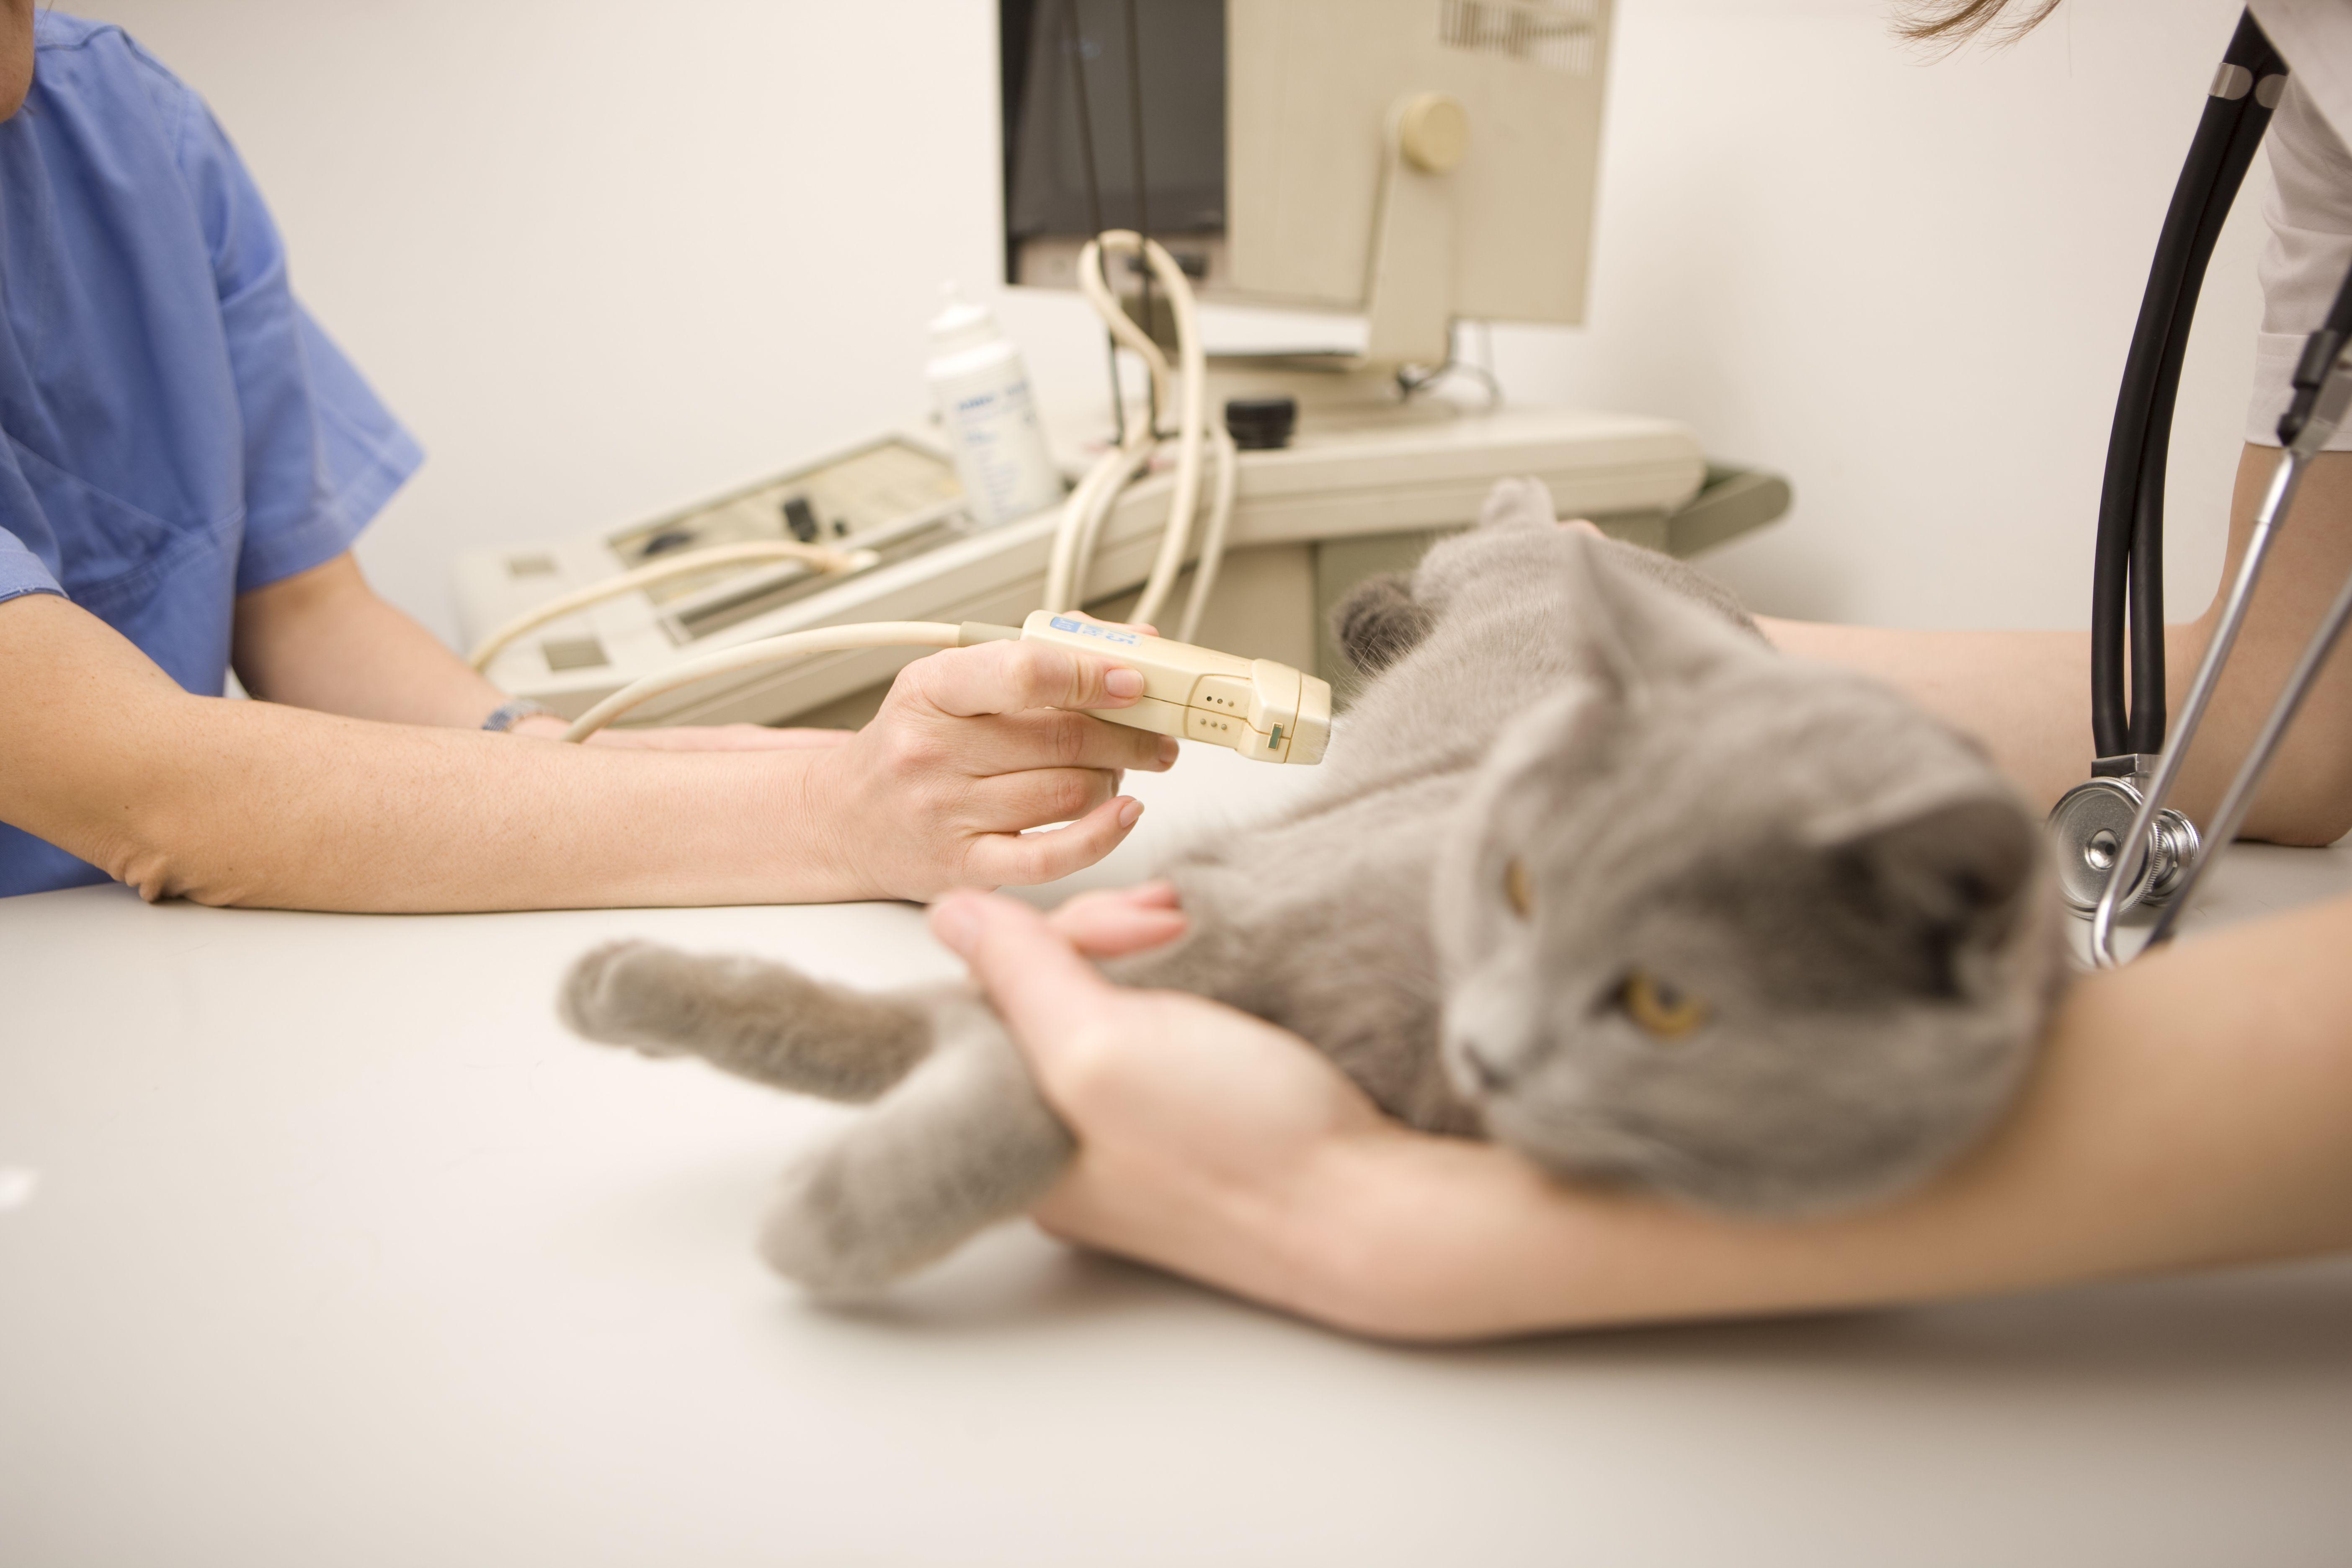 Vet using ultrasound